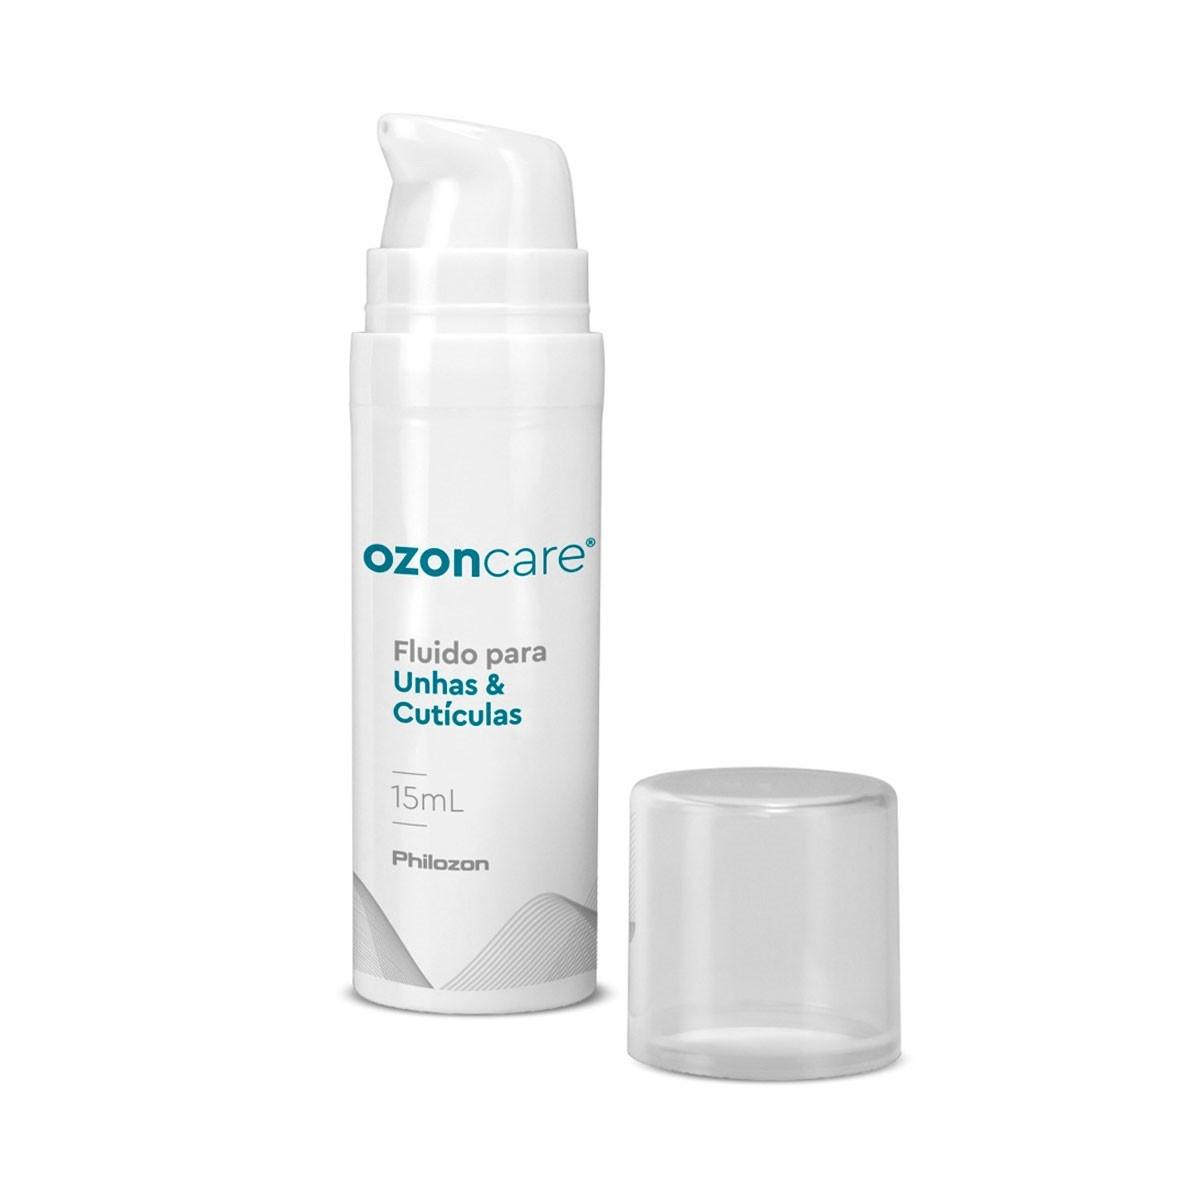 Ozoncare - Fluido para unhas e cutículas